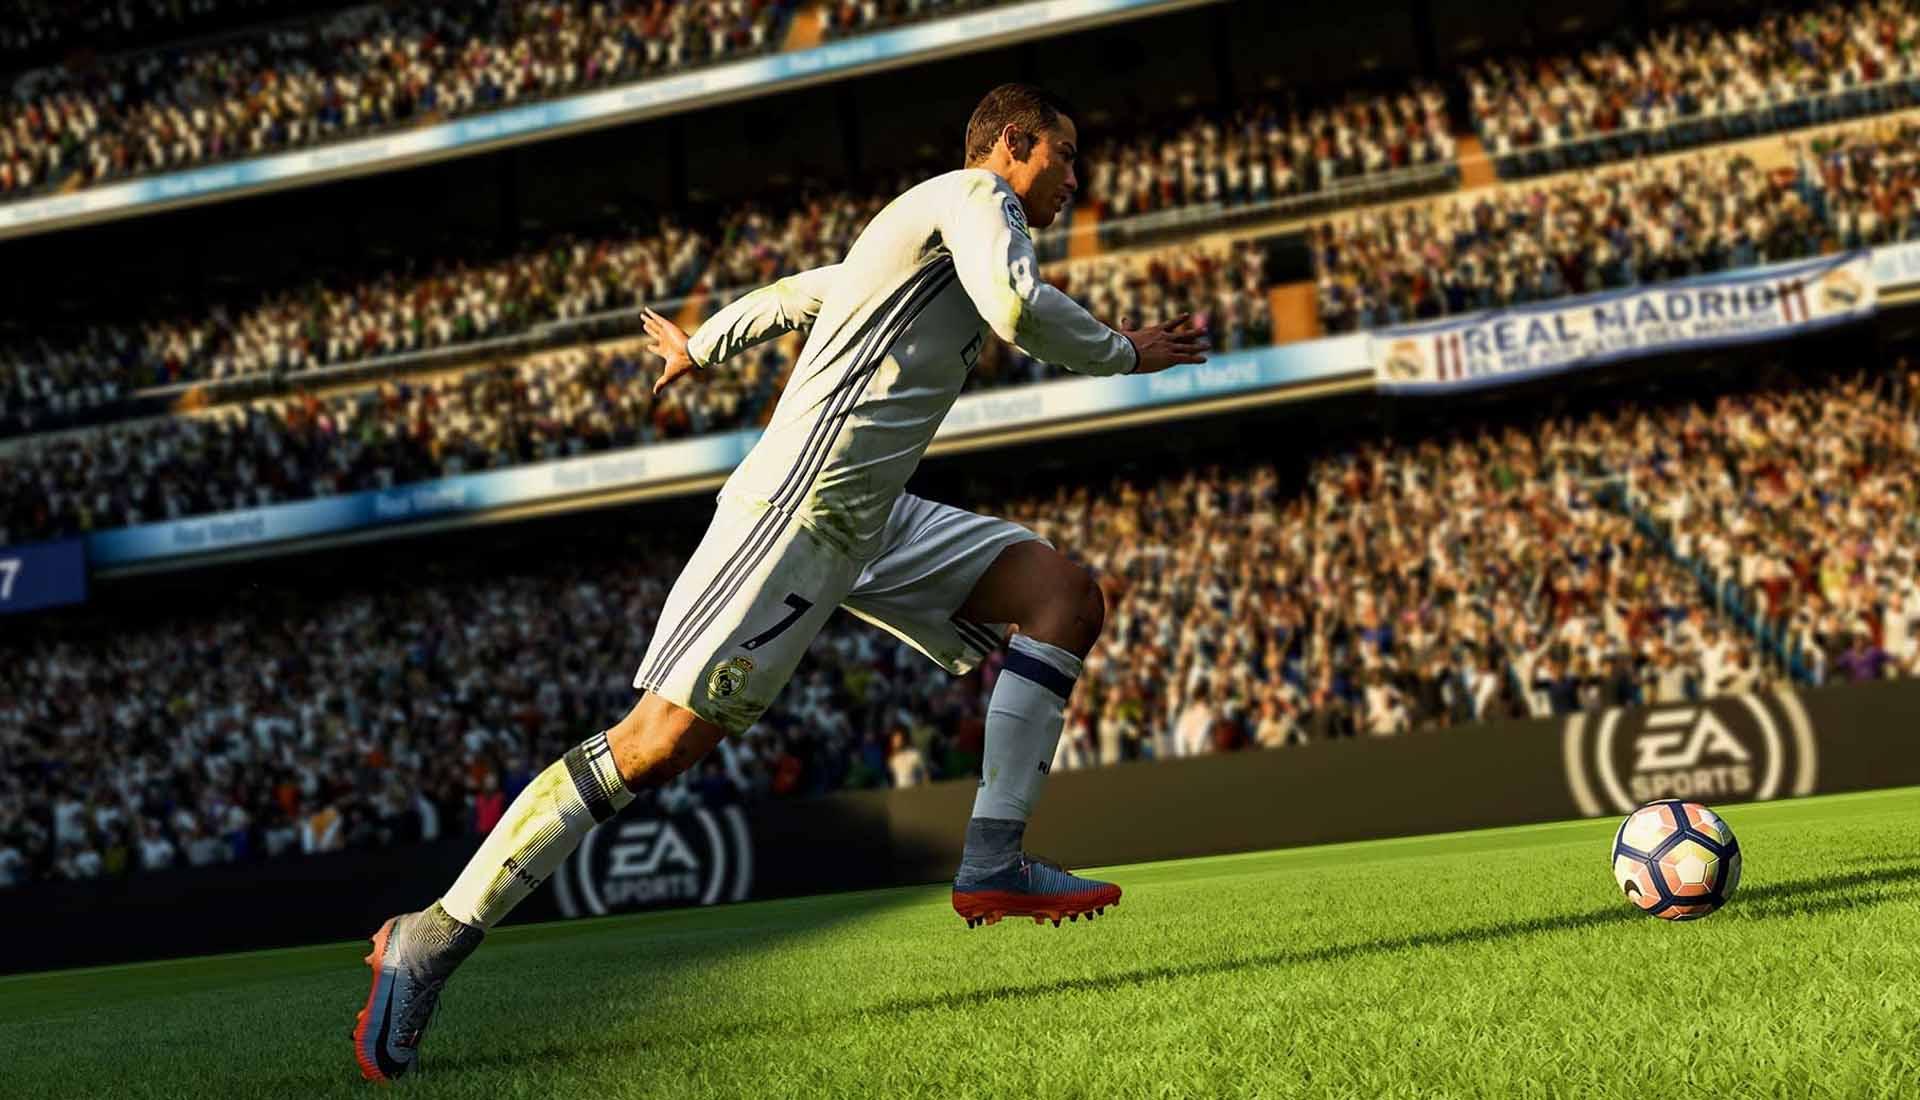 6d6ad9e1d021 EA Sports FIFA 18 Review - SoccerBible